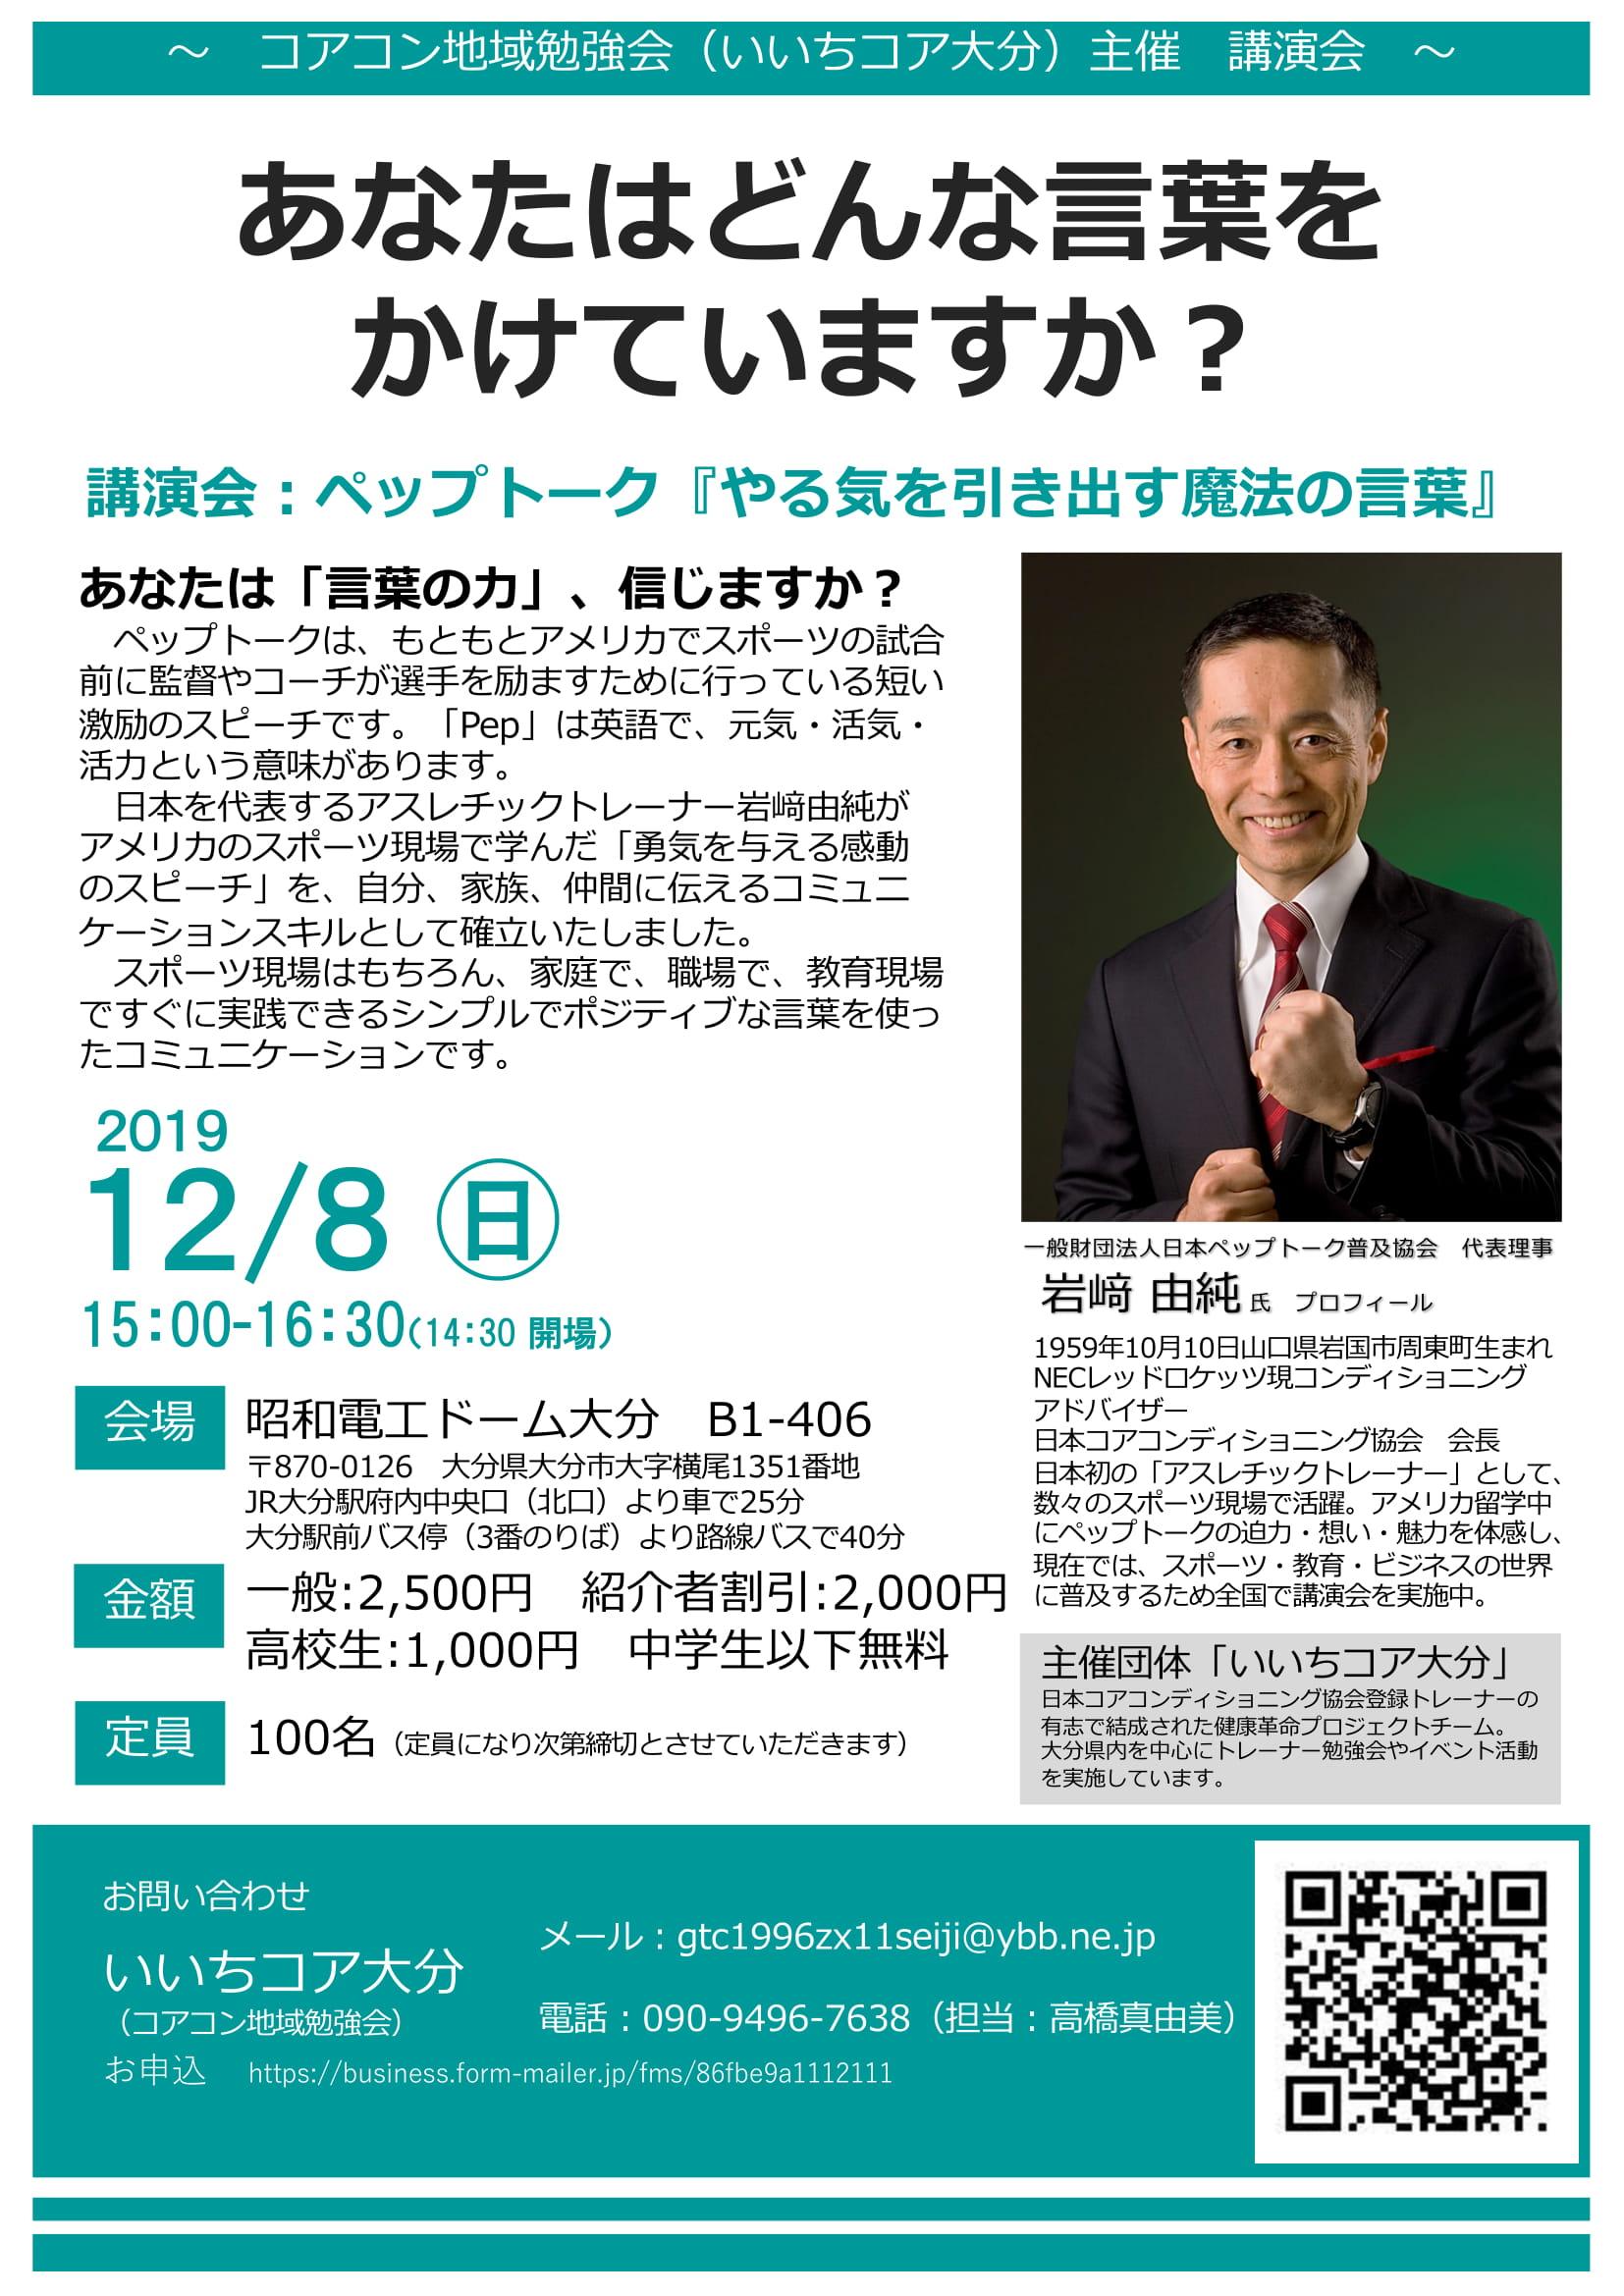 12/8(日)ペップトーク講演会 一般(紹介者割引)チケット